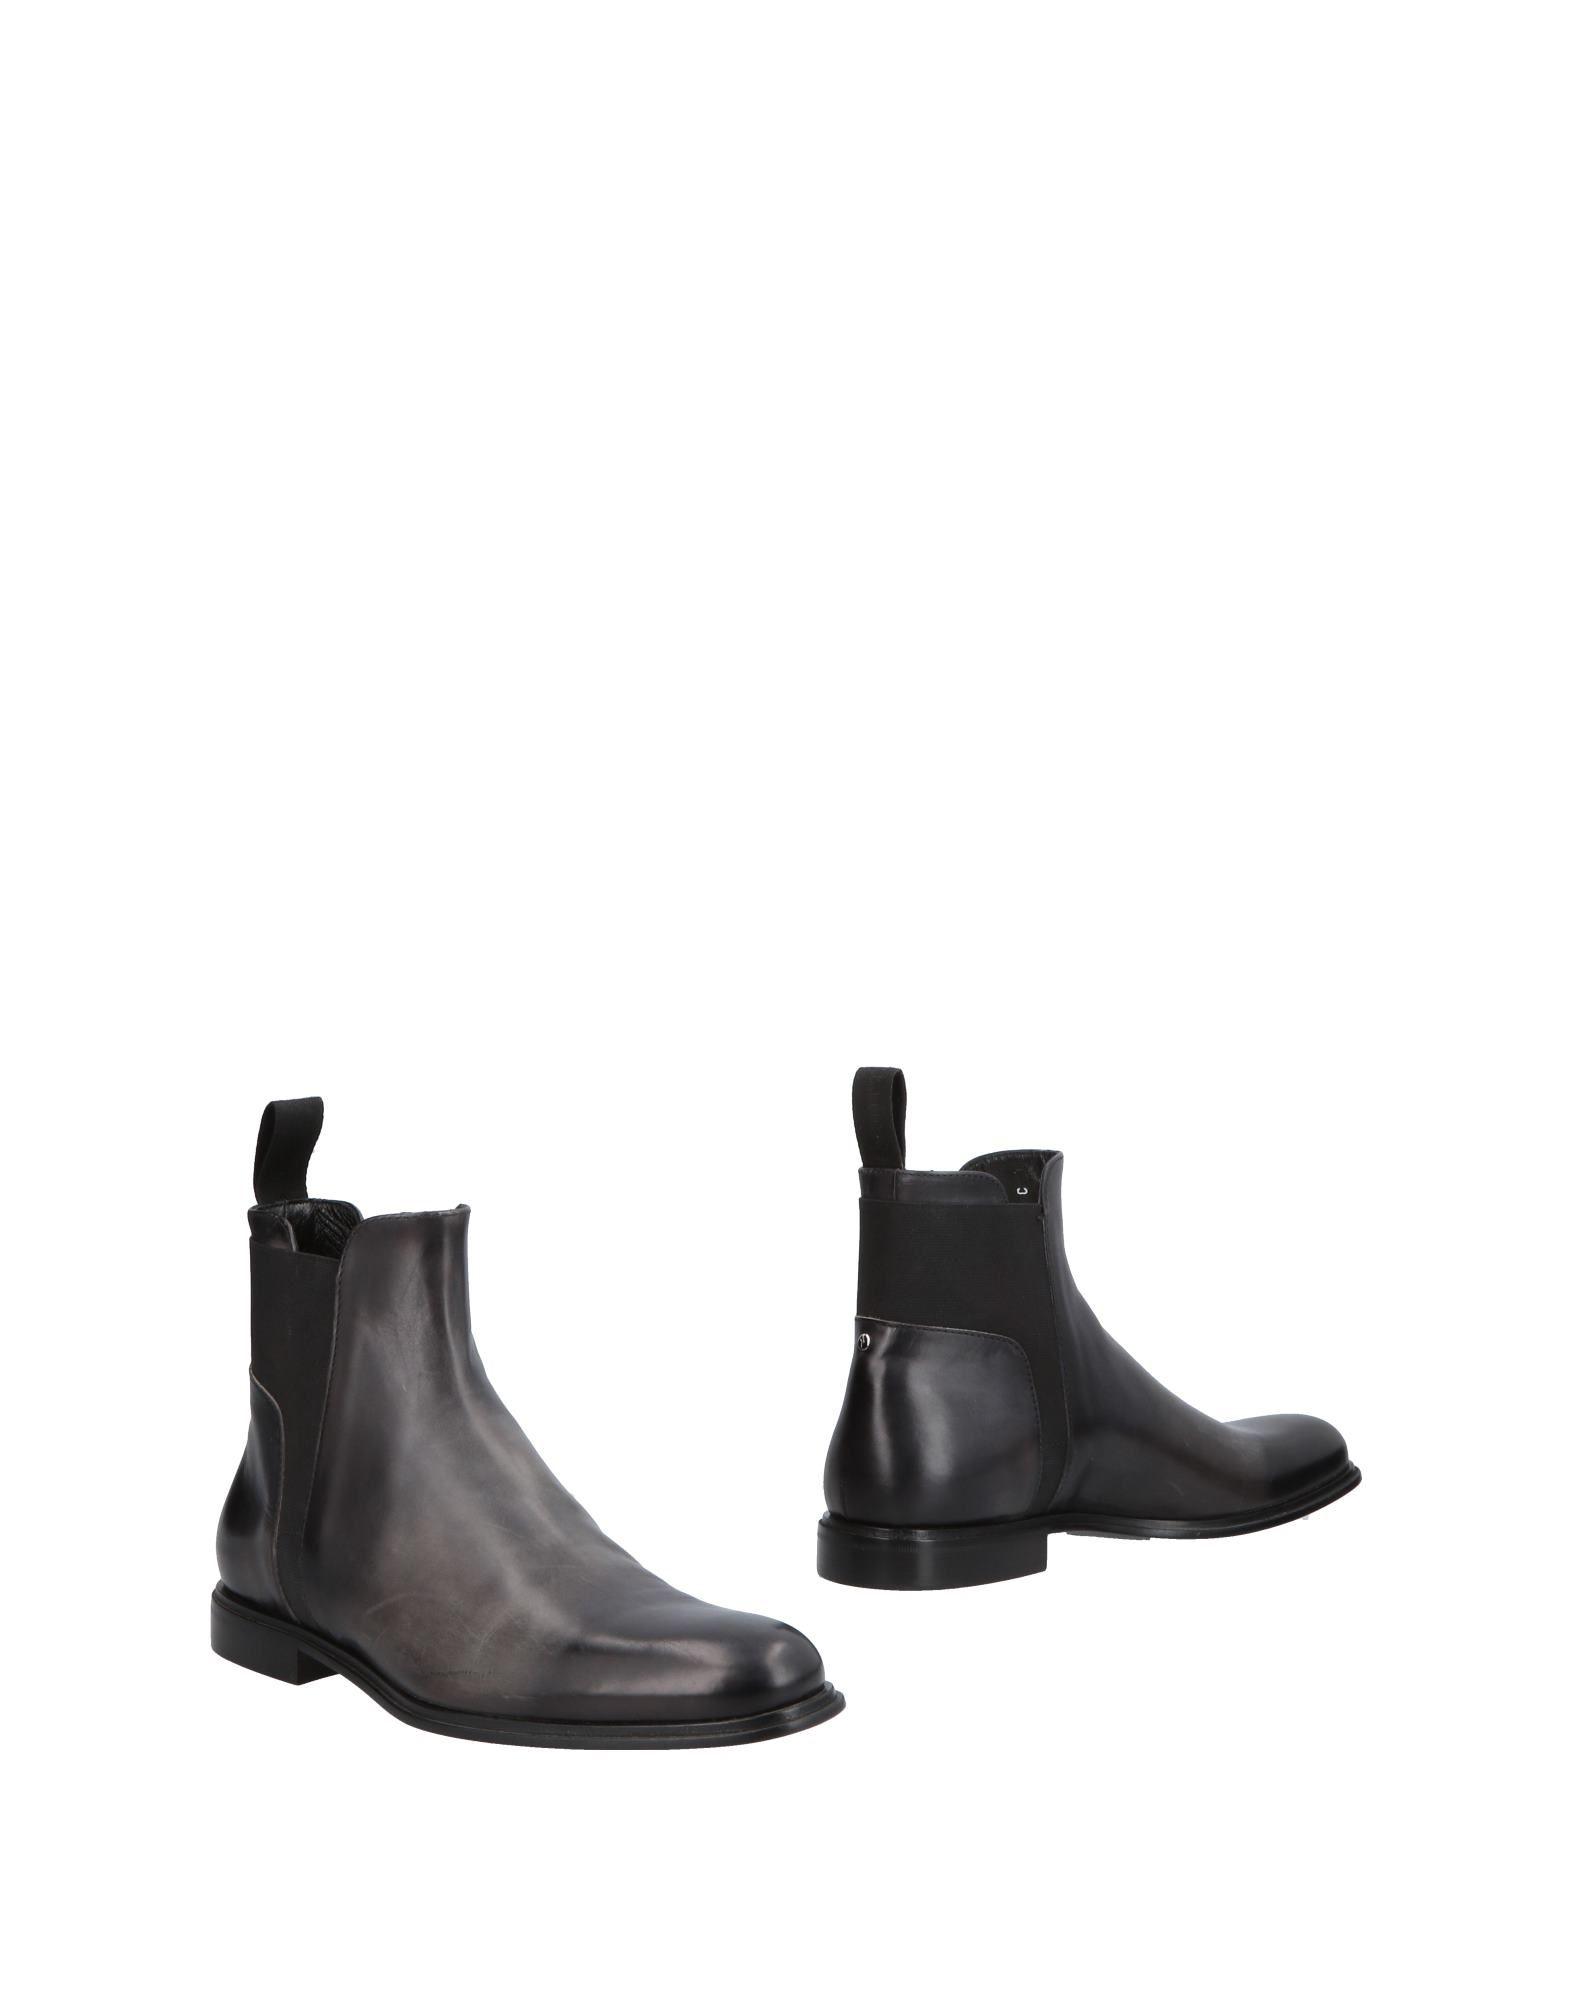 Cesare Paciotti Stiefelette Herren  11505020QT Gute Qualität beliebte Schuhe